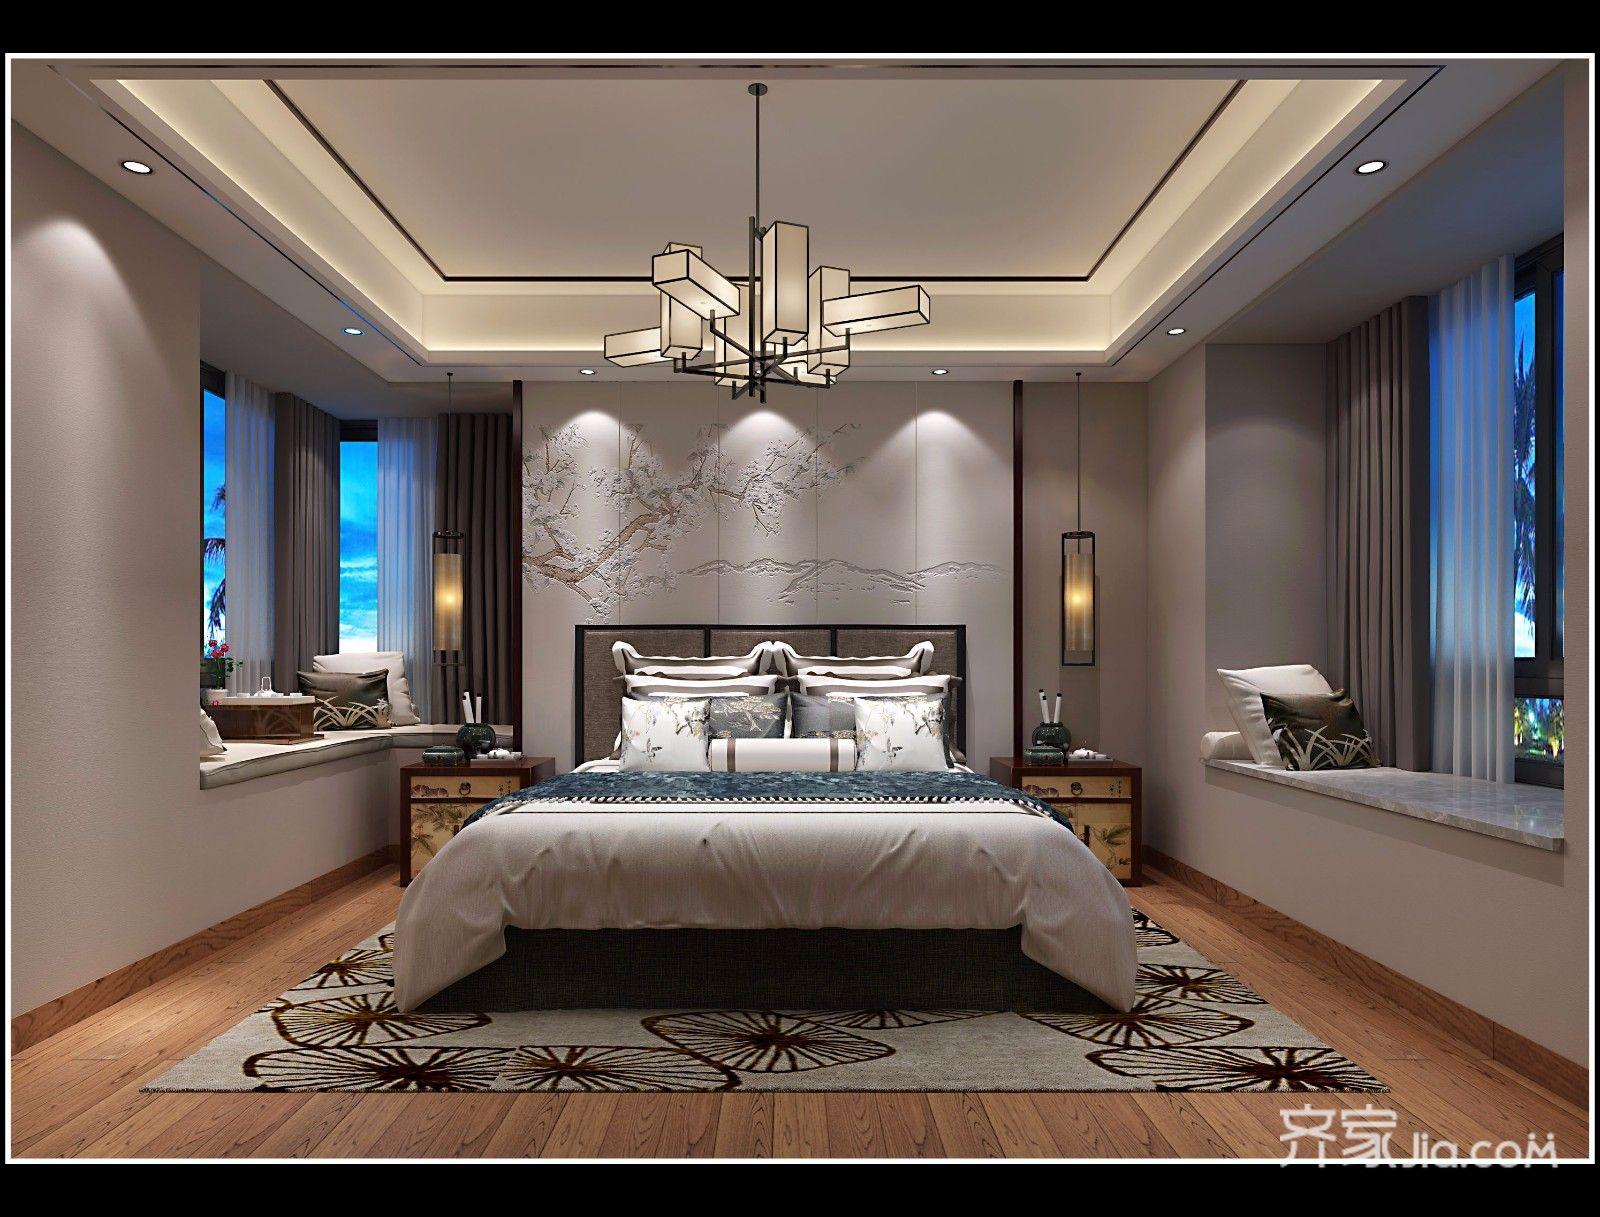 现代中式卧室效果�_中式风格卧室效果图,中式风格卧室效果图案例_2019装修效果图